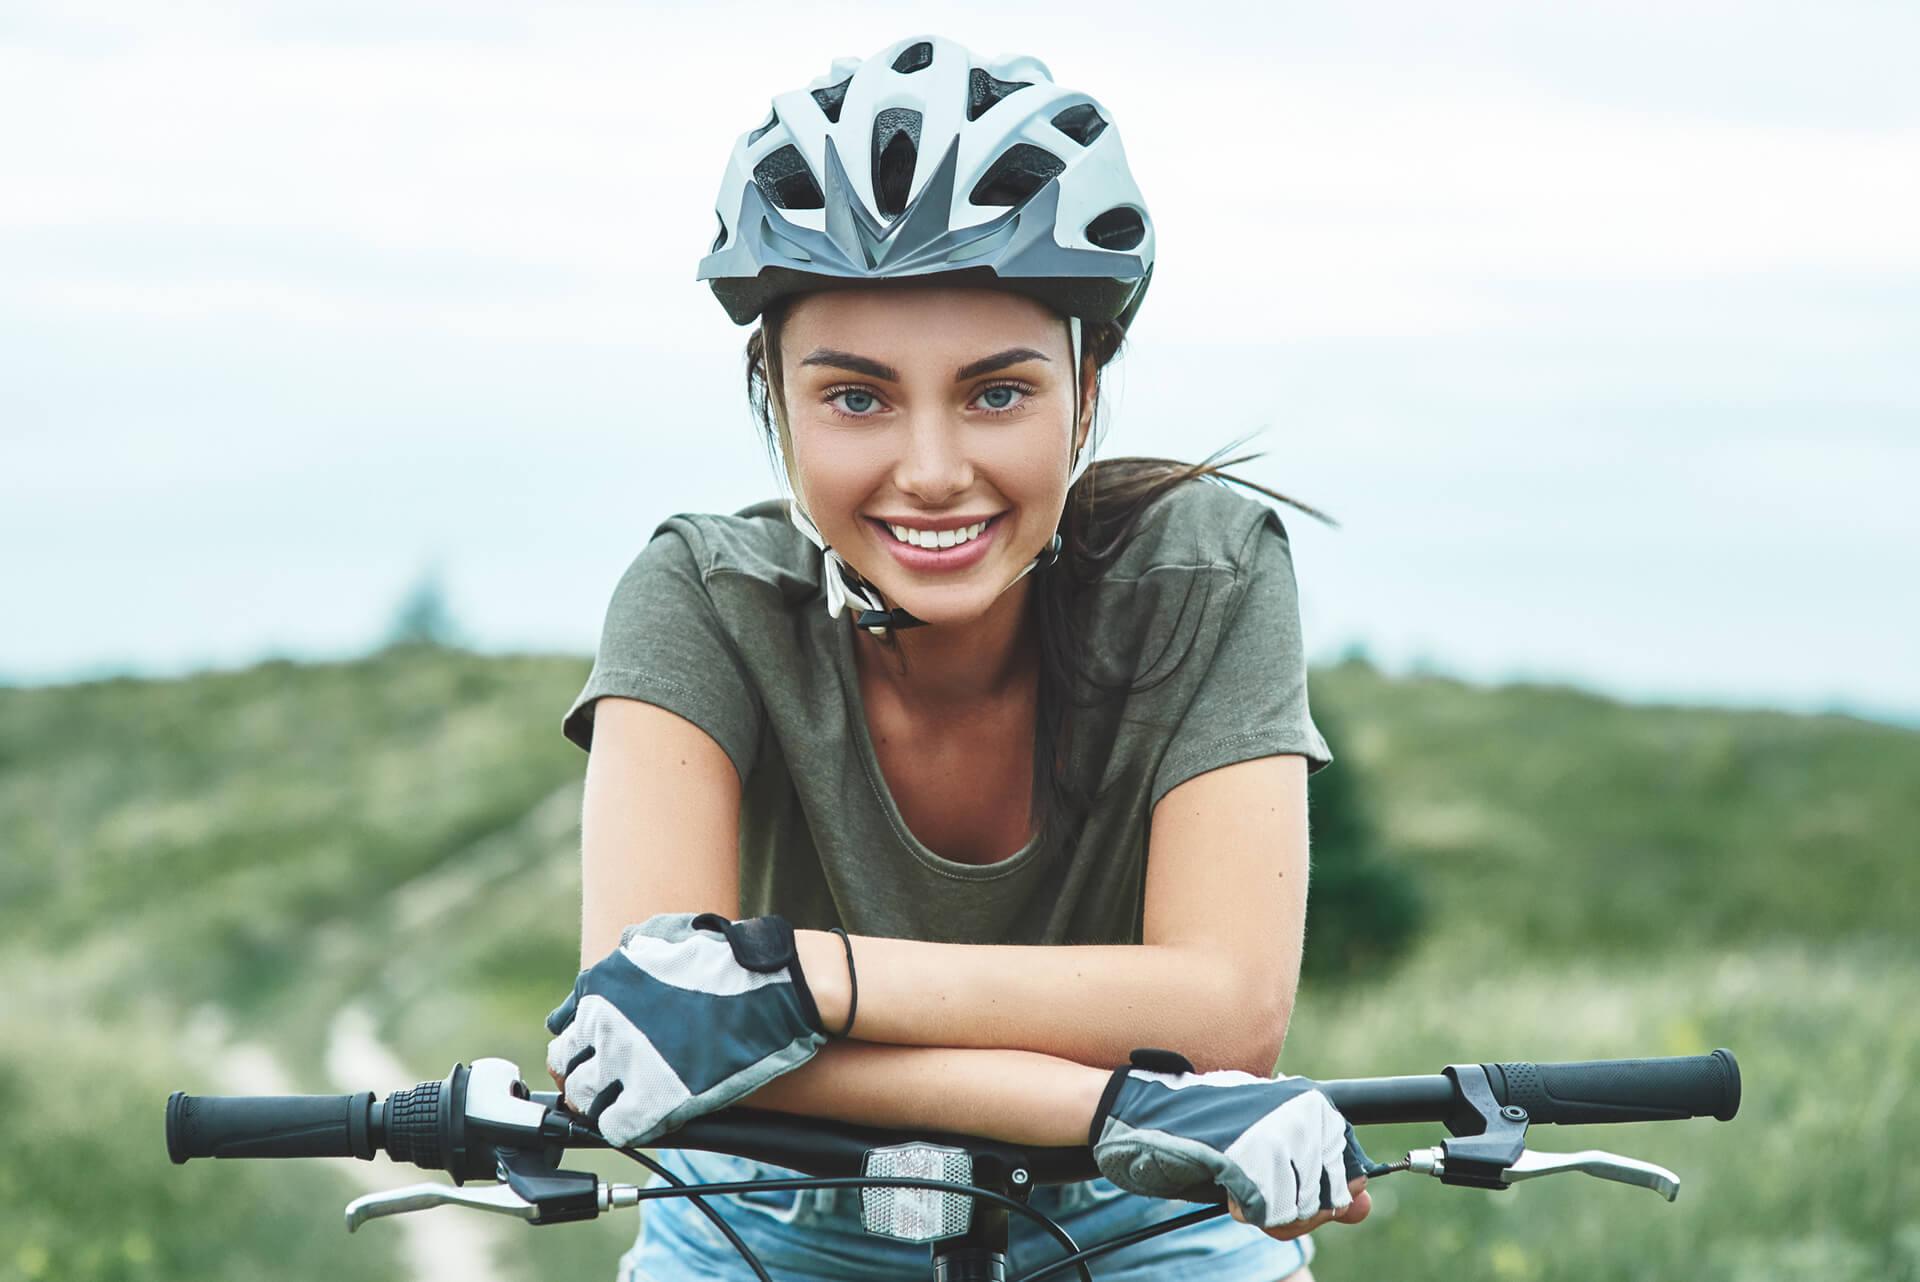 Tonifica tus músculos en bici